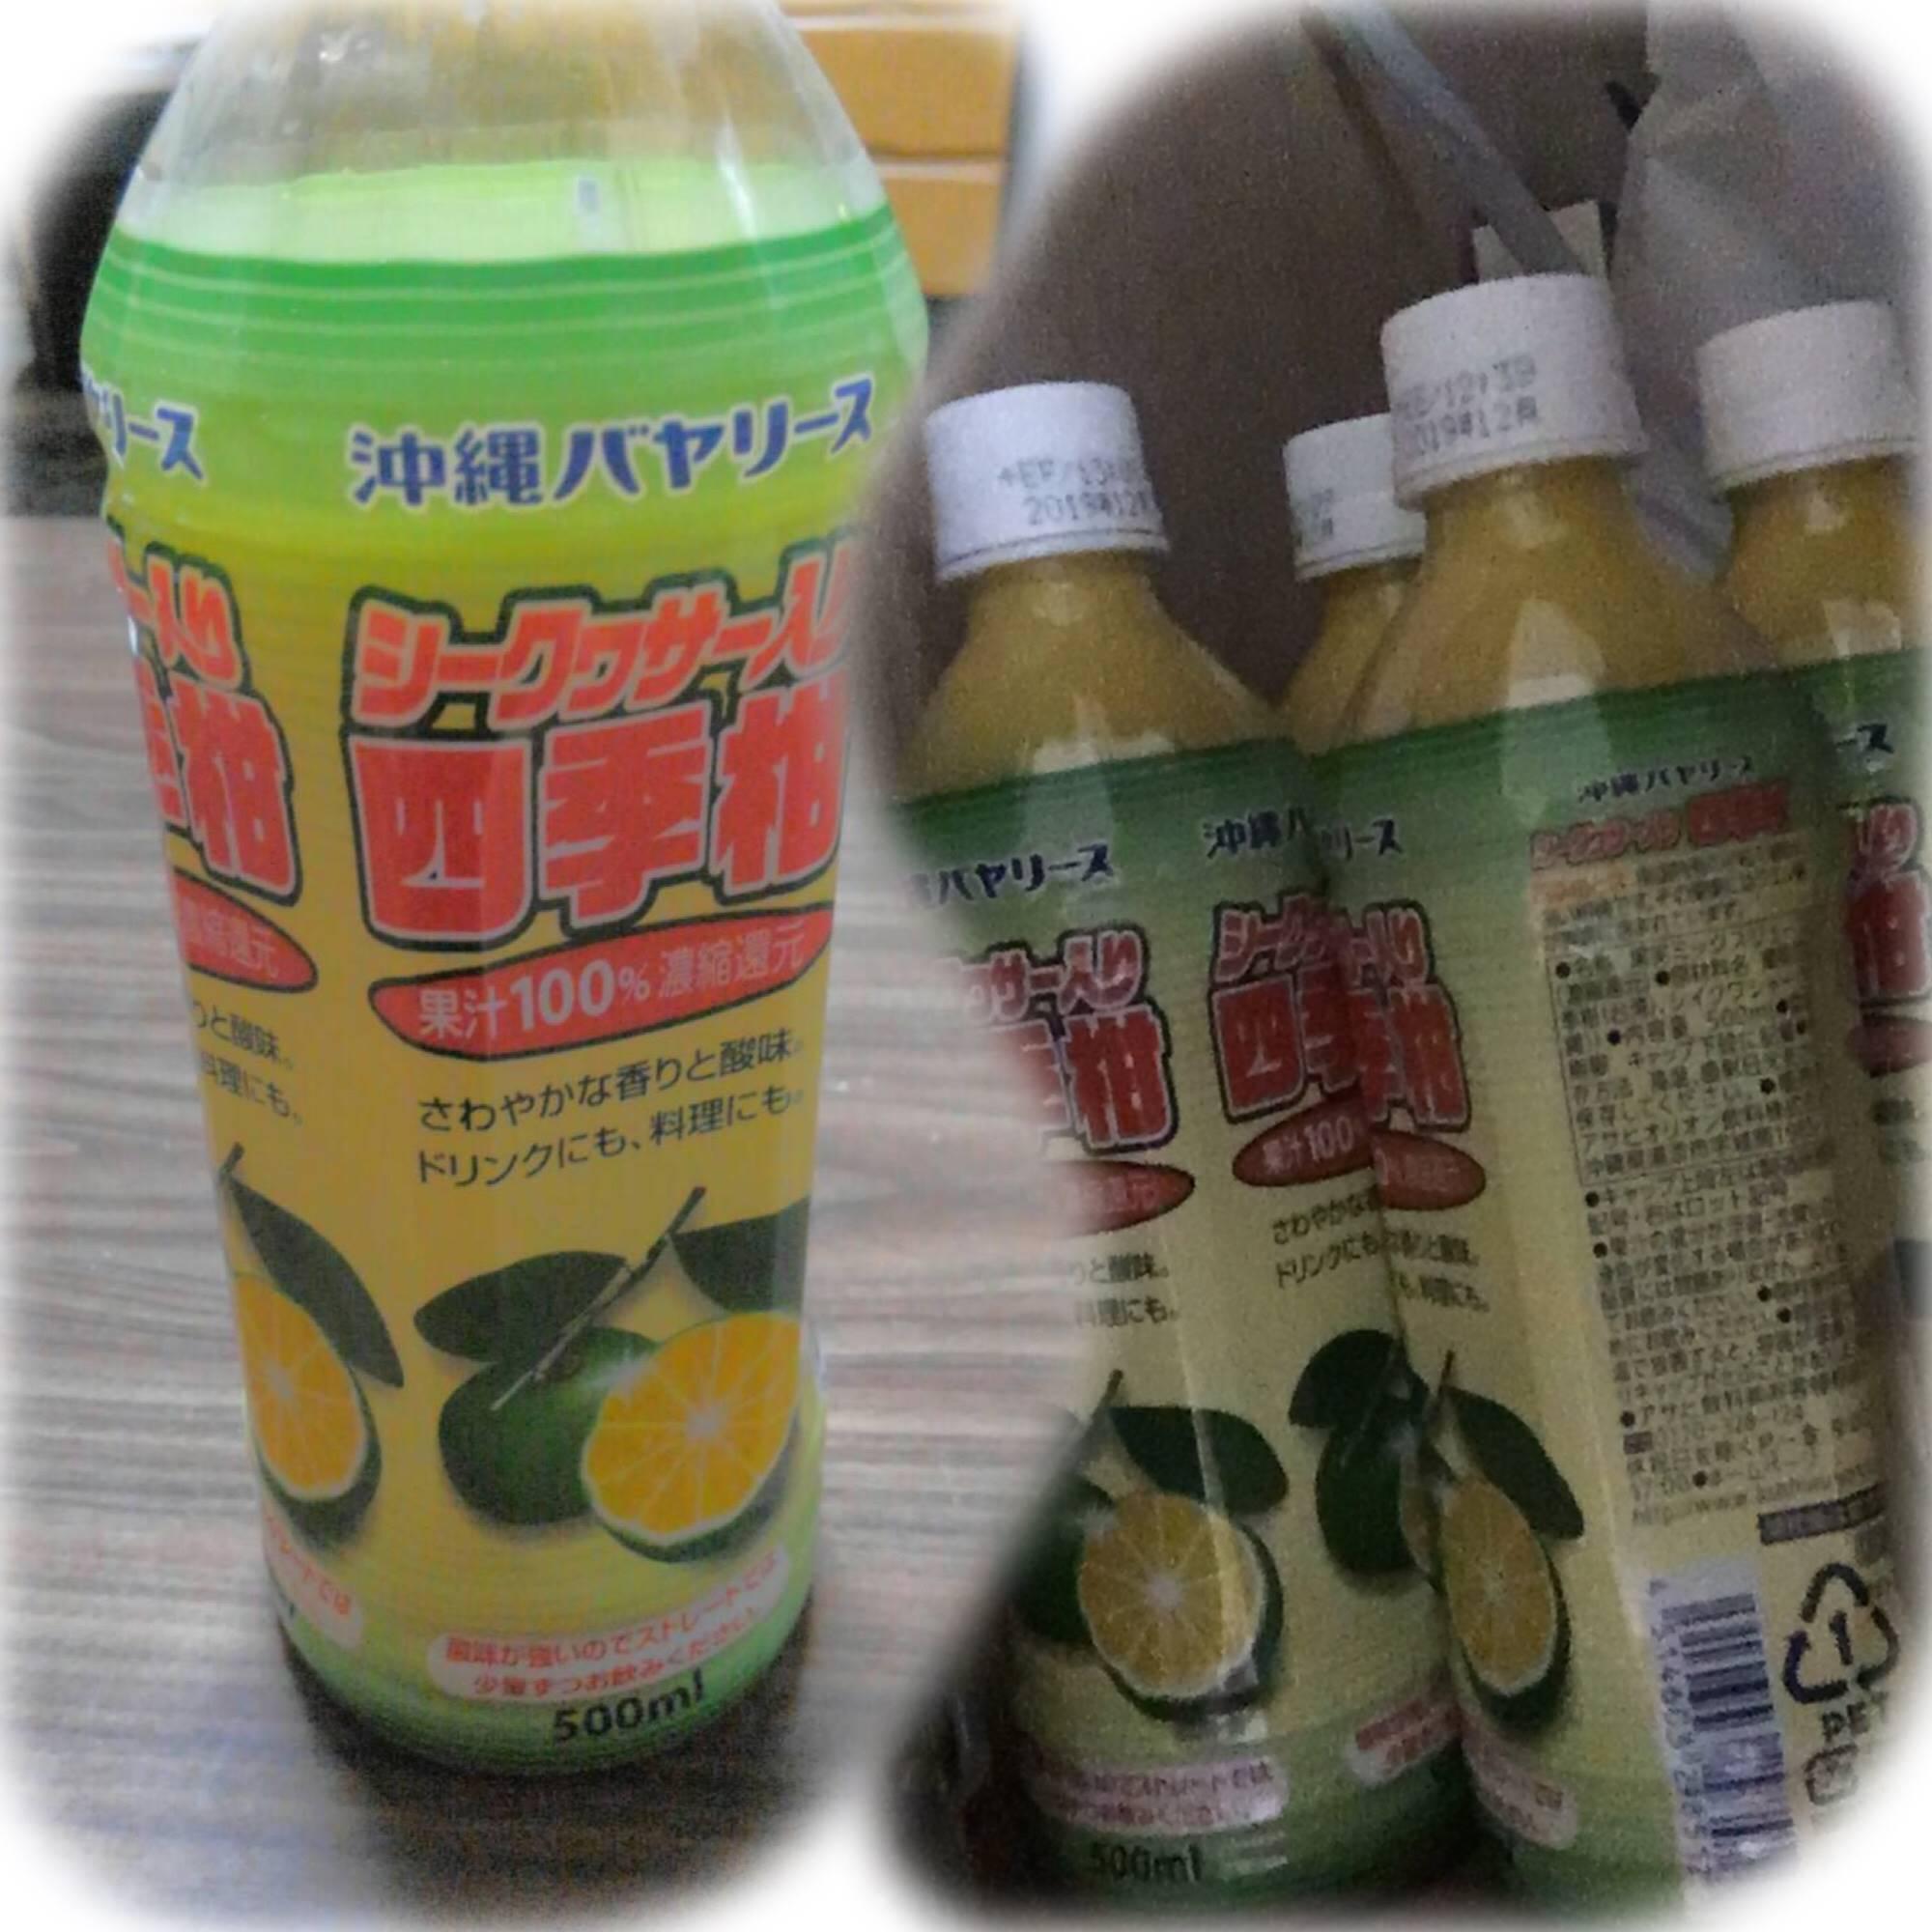 四季柑ジュース